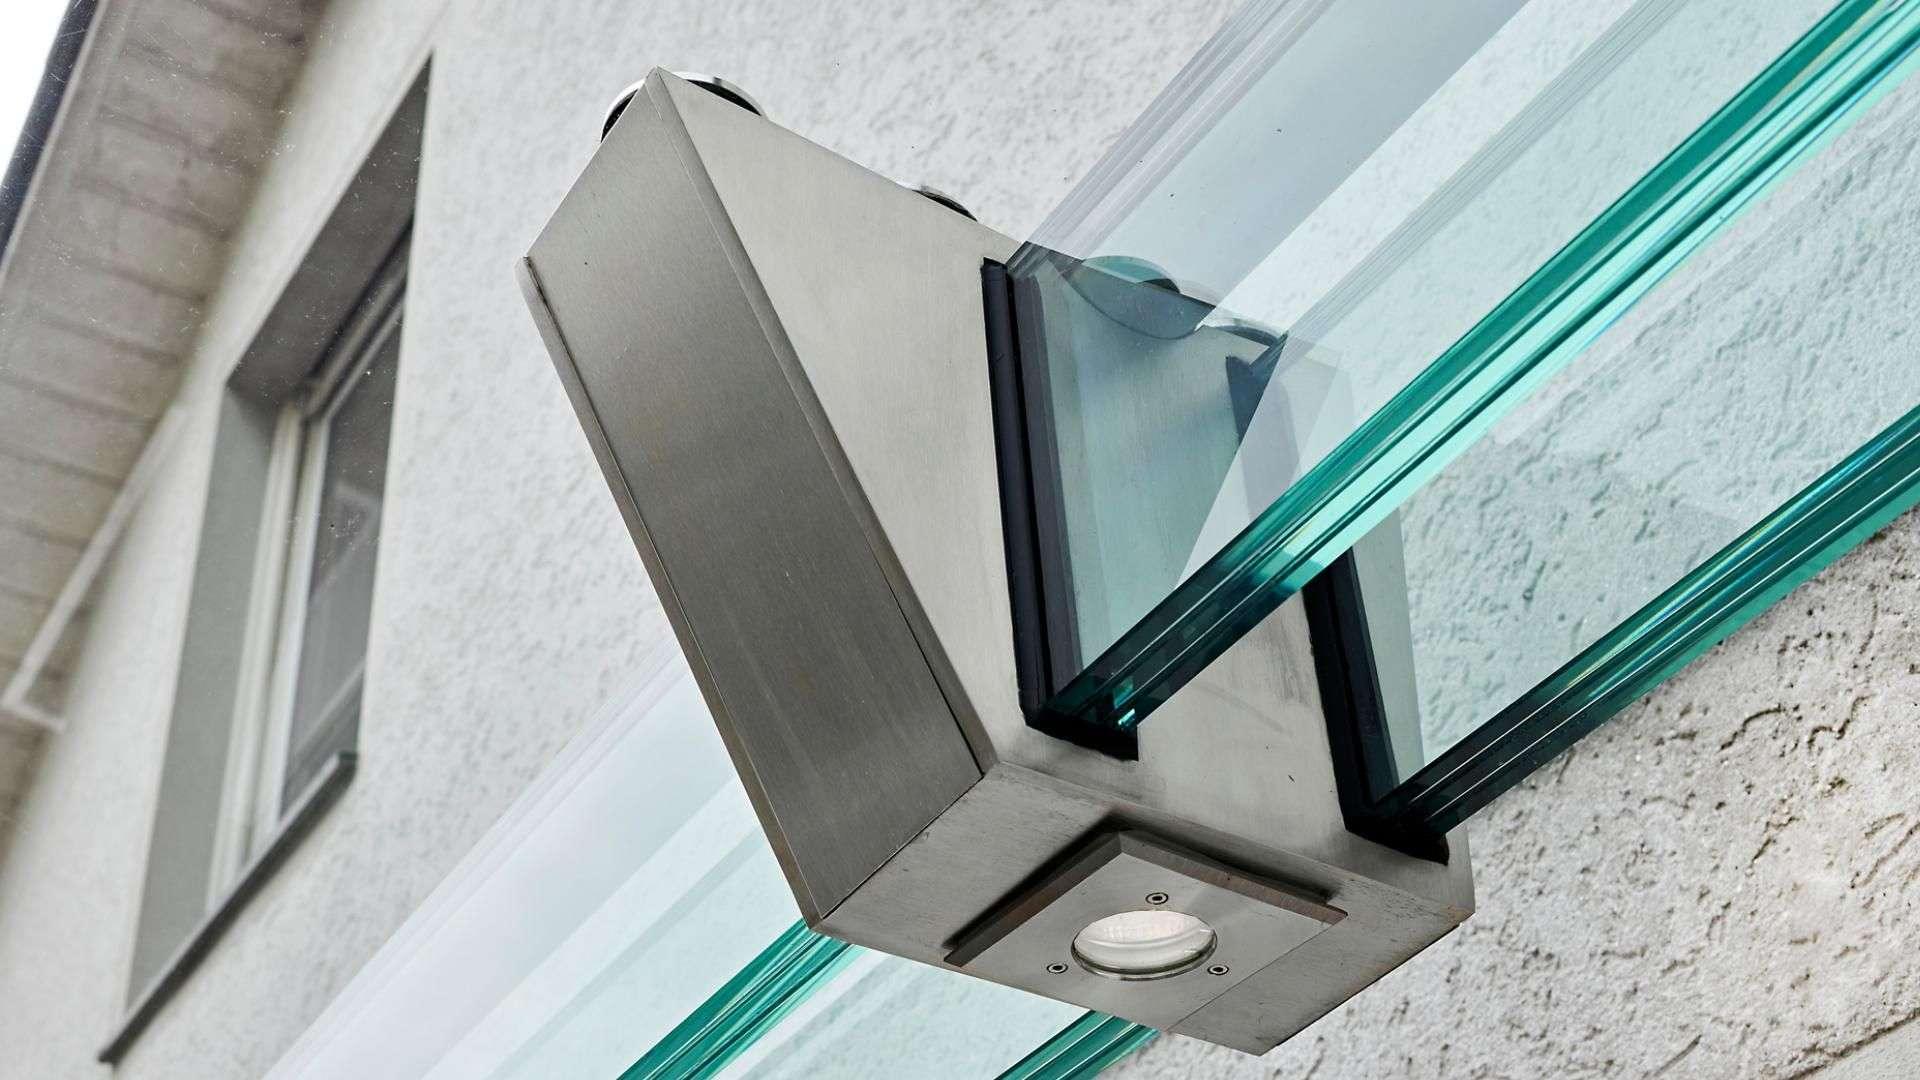 Nahansicht eines Glas-Vordach-Halterung